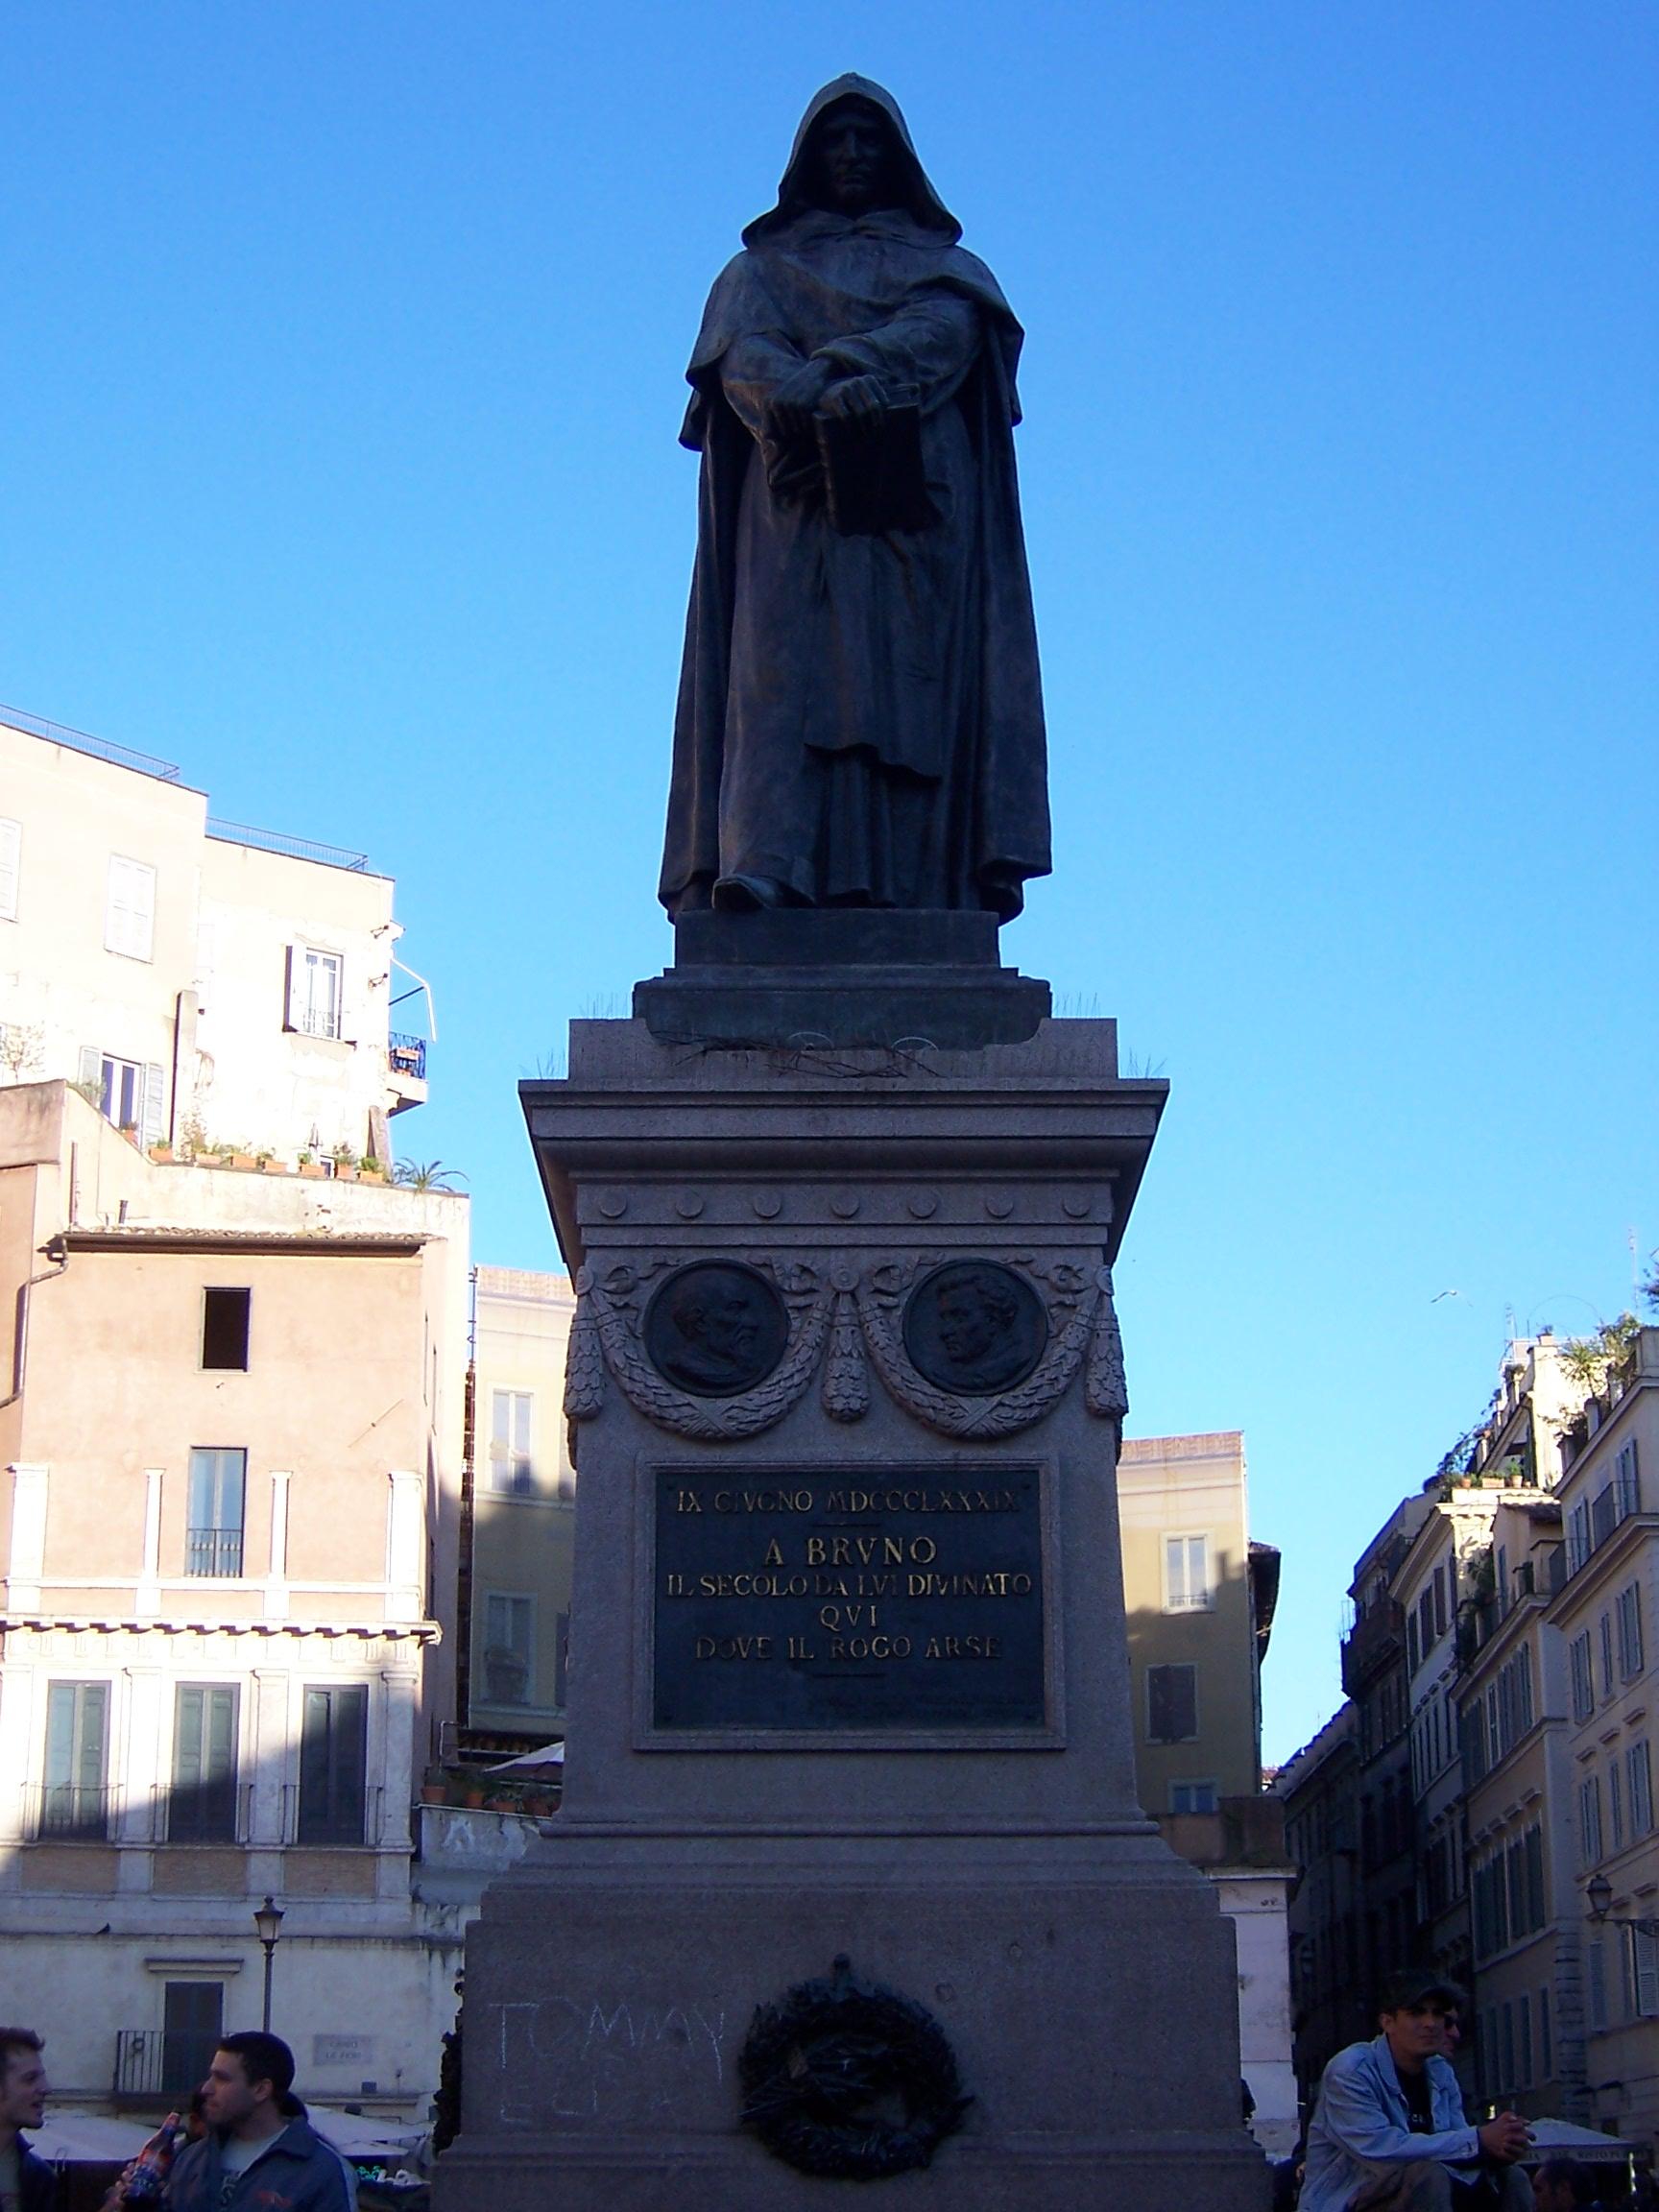 Statue of Giordano Bruno, Campo de' Fiore, Rome, Italy